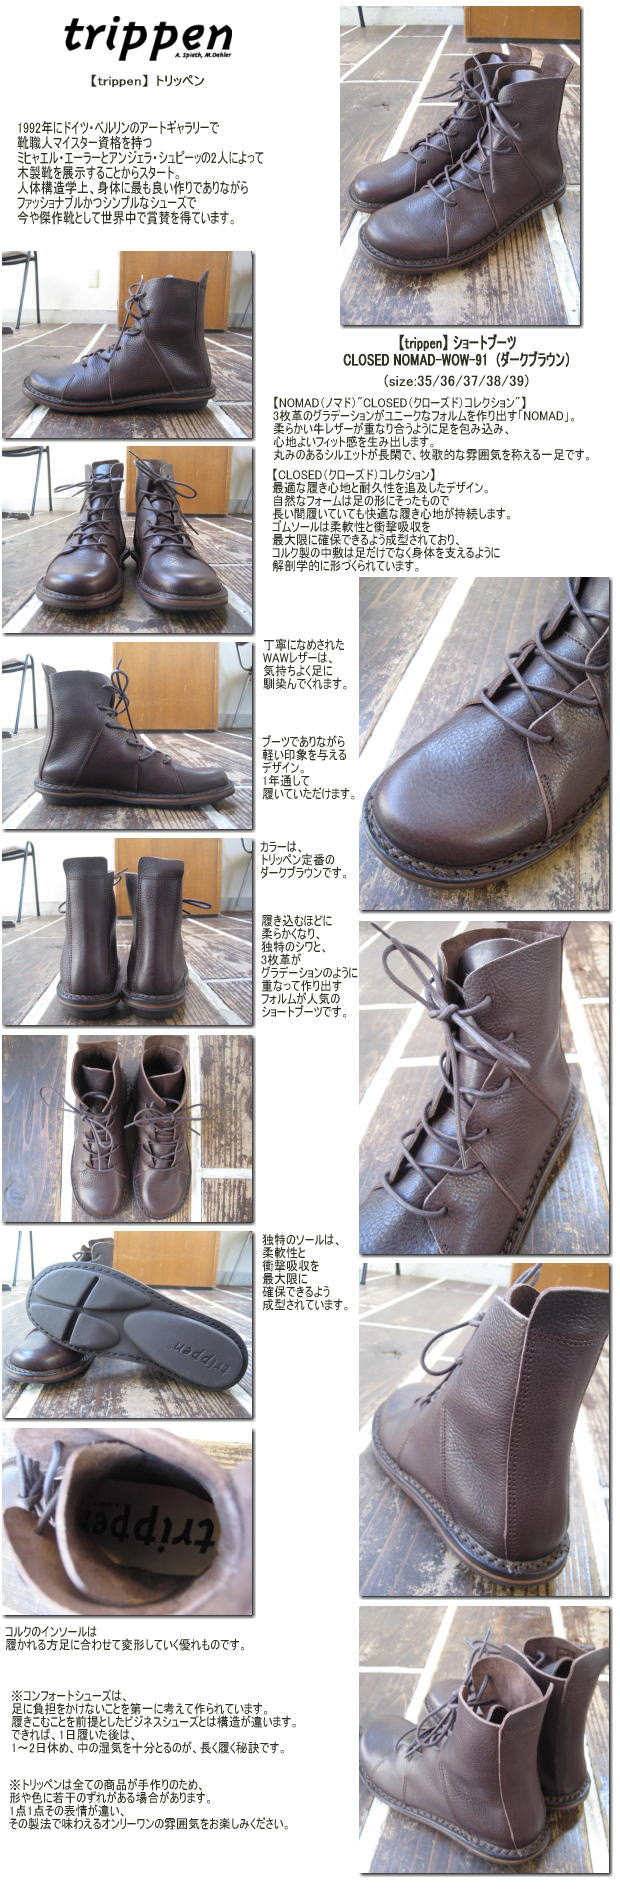 【trippen】トリッペン ショートブーツ CLOSED NOMAD-WOW-91(ダークブラウン)